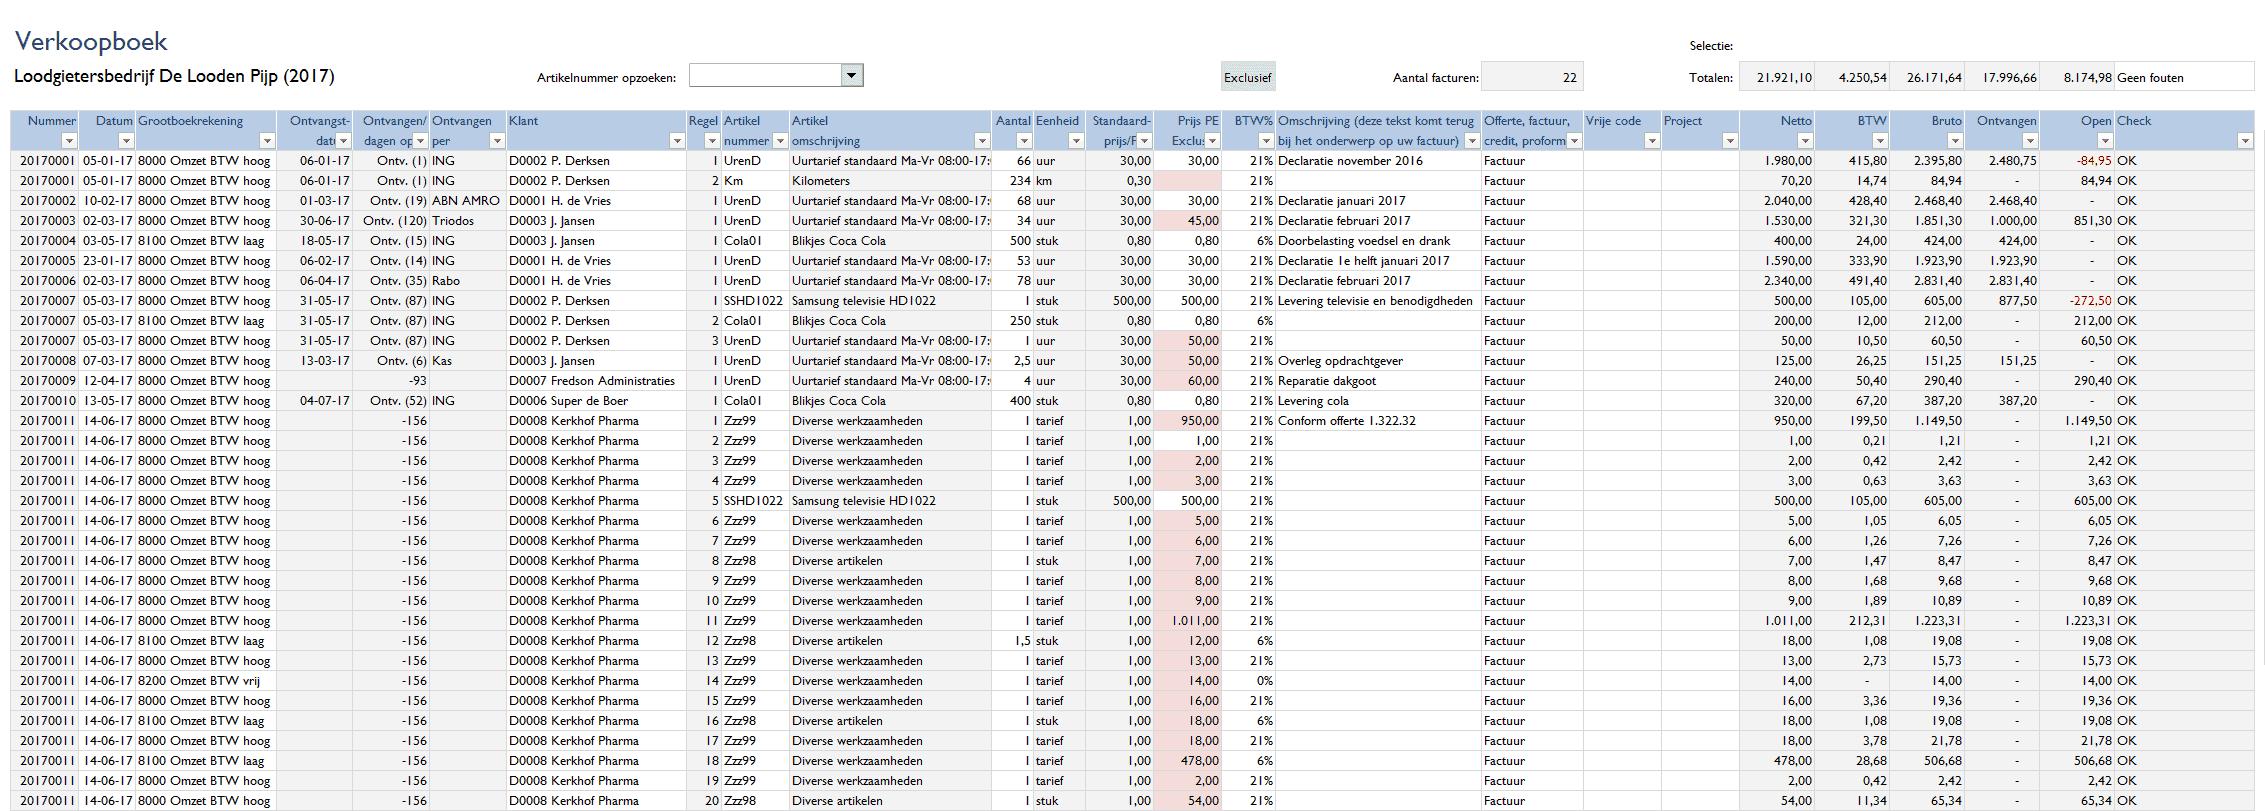 Verkoopboek Boehouden in Excel 4.0